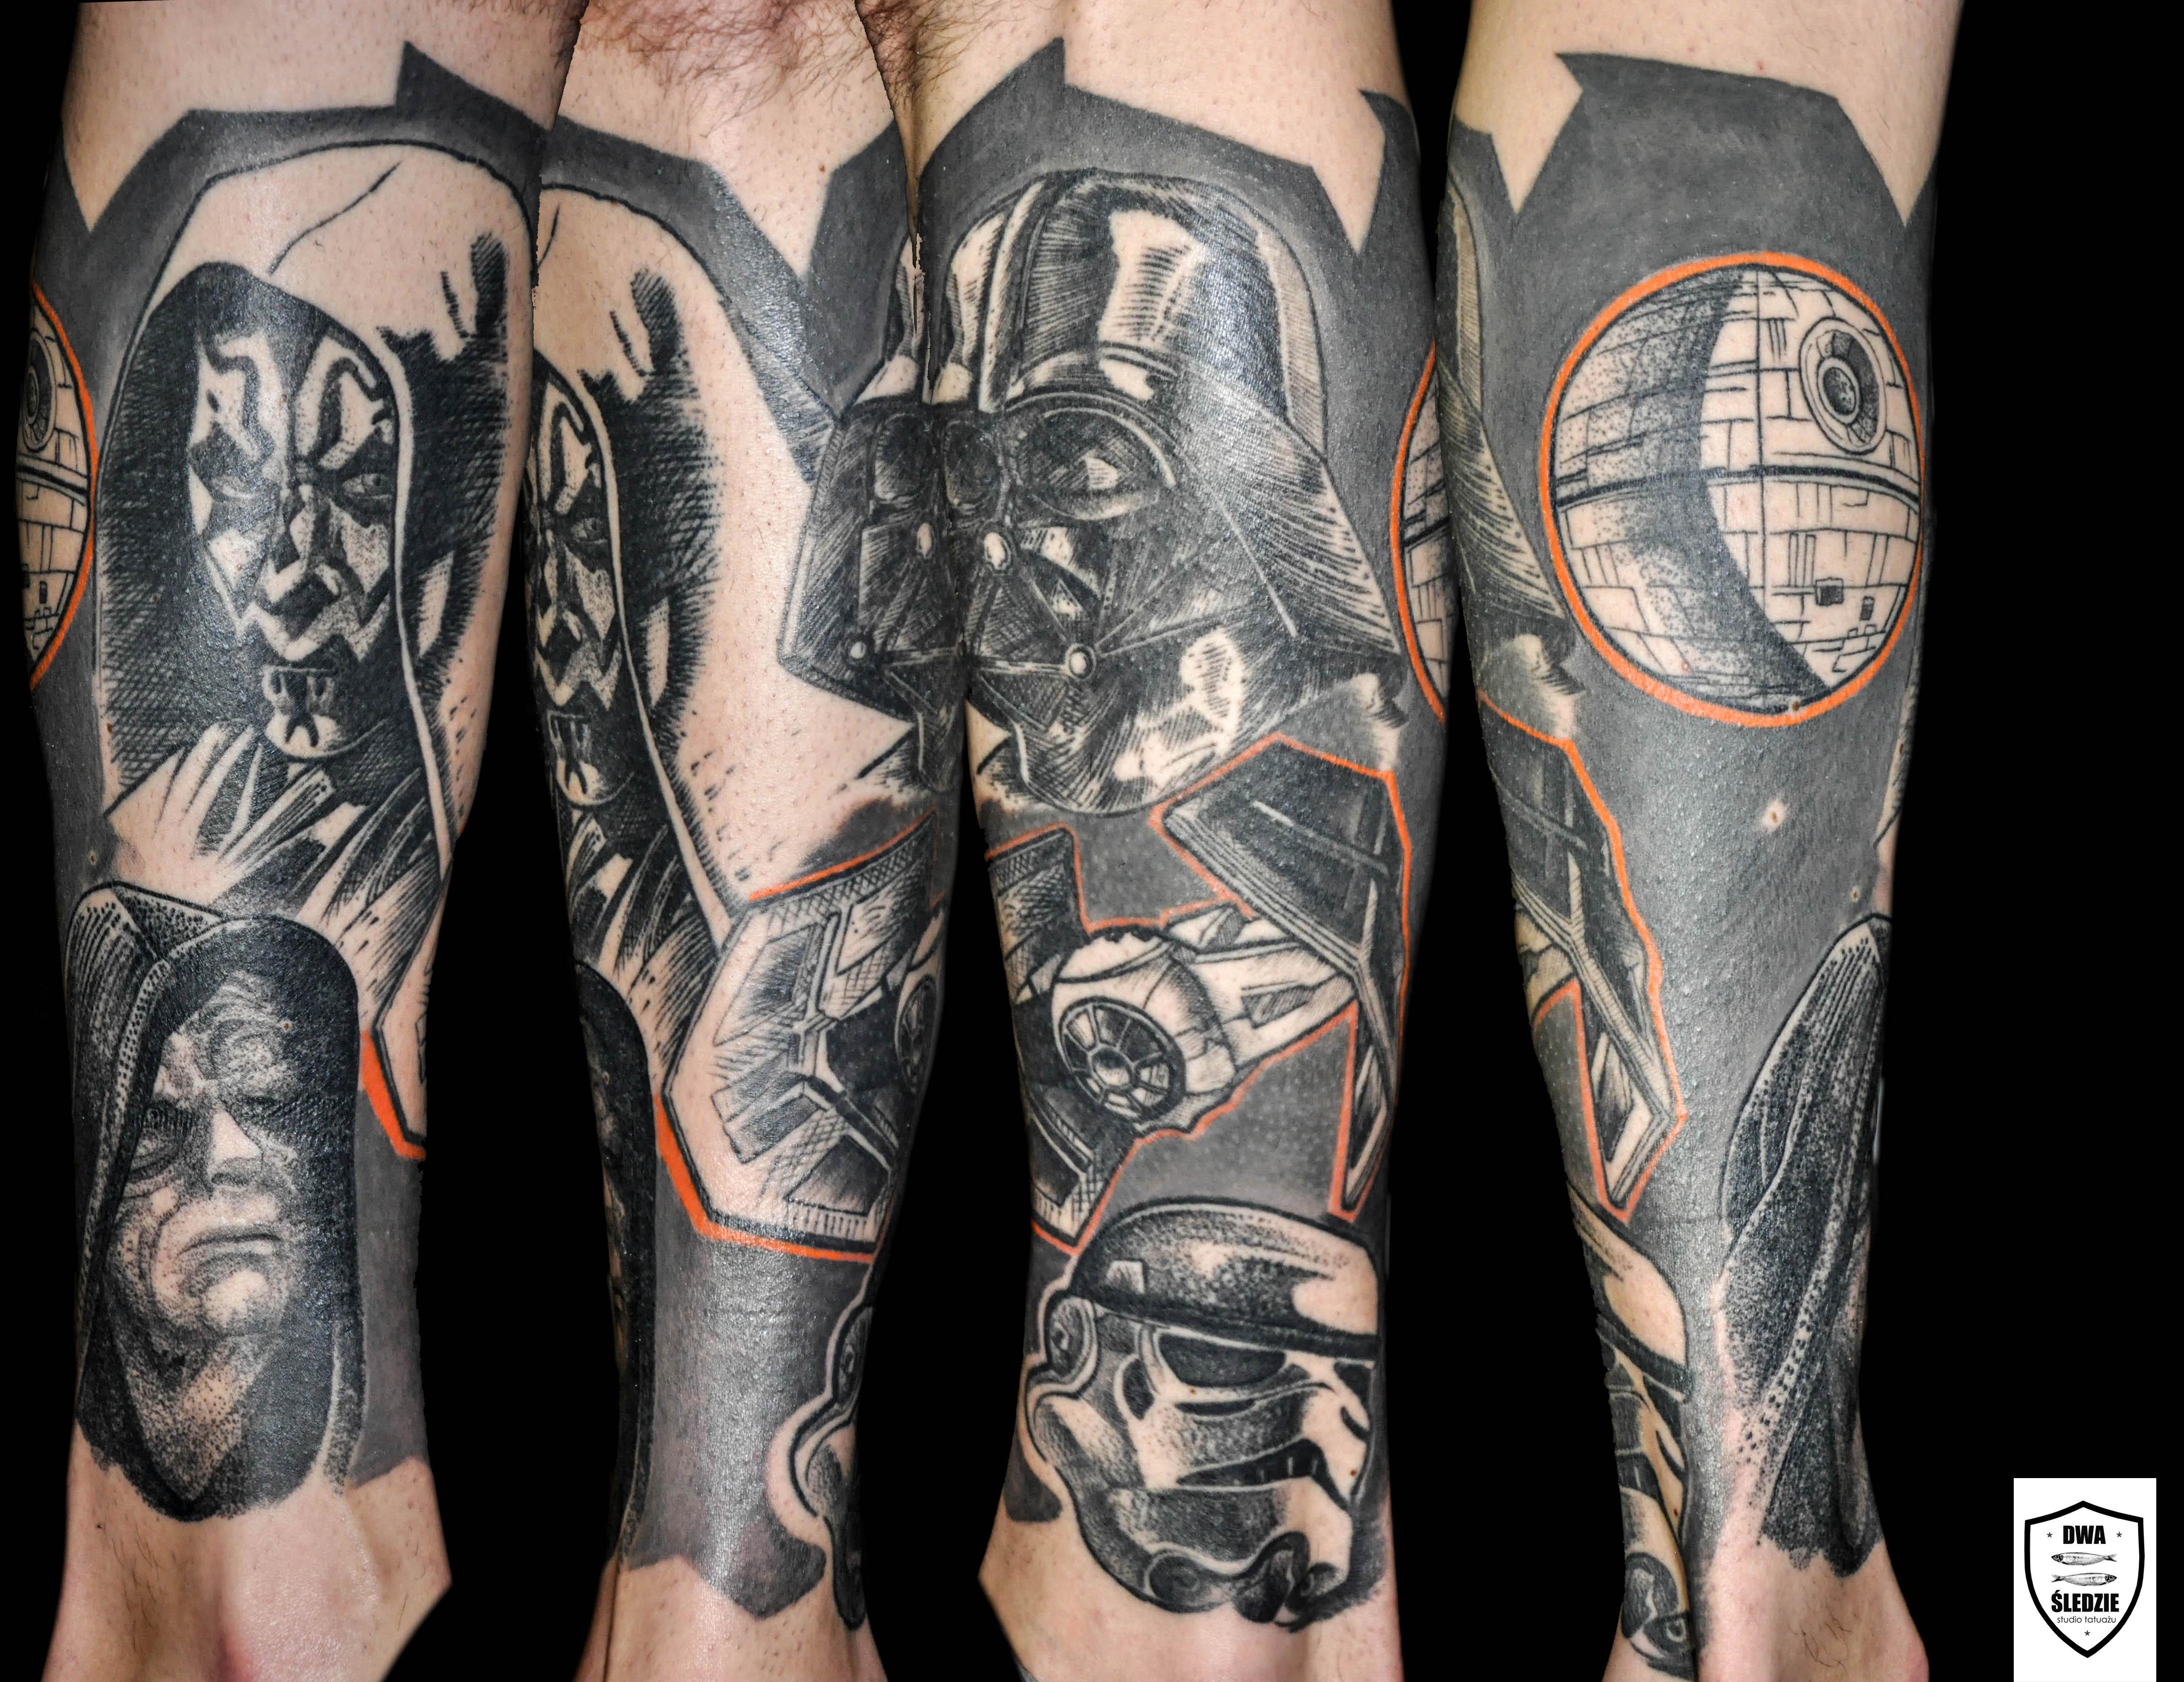 tatuaż Star Wars